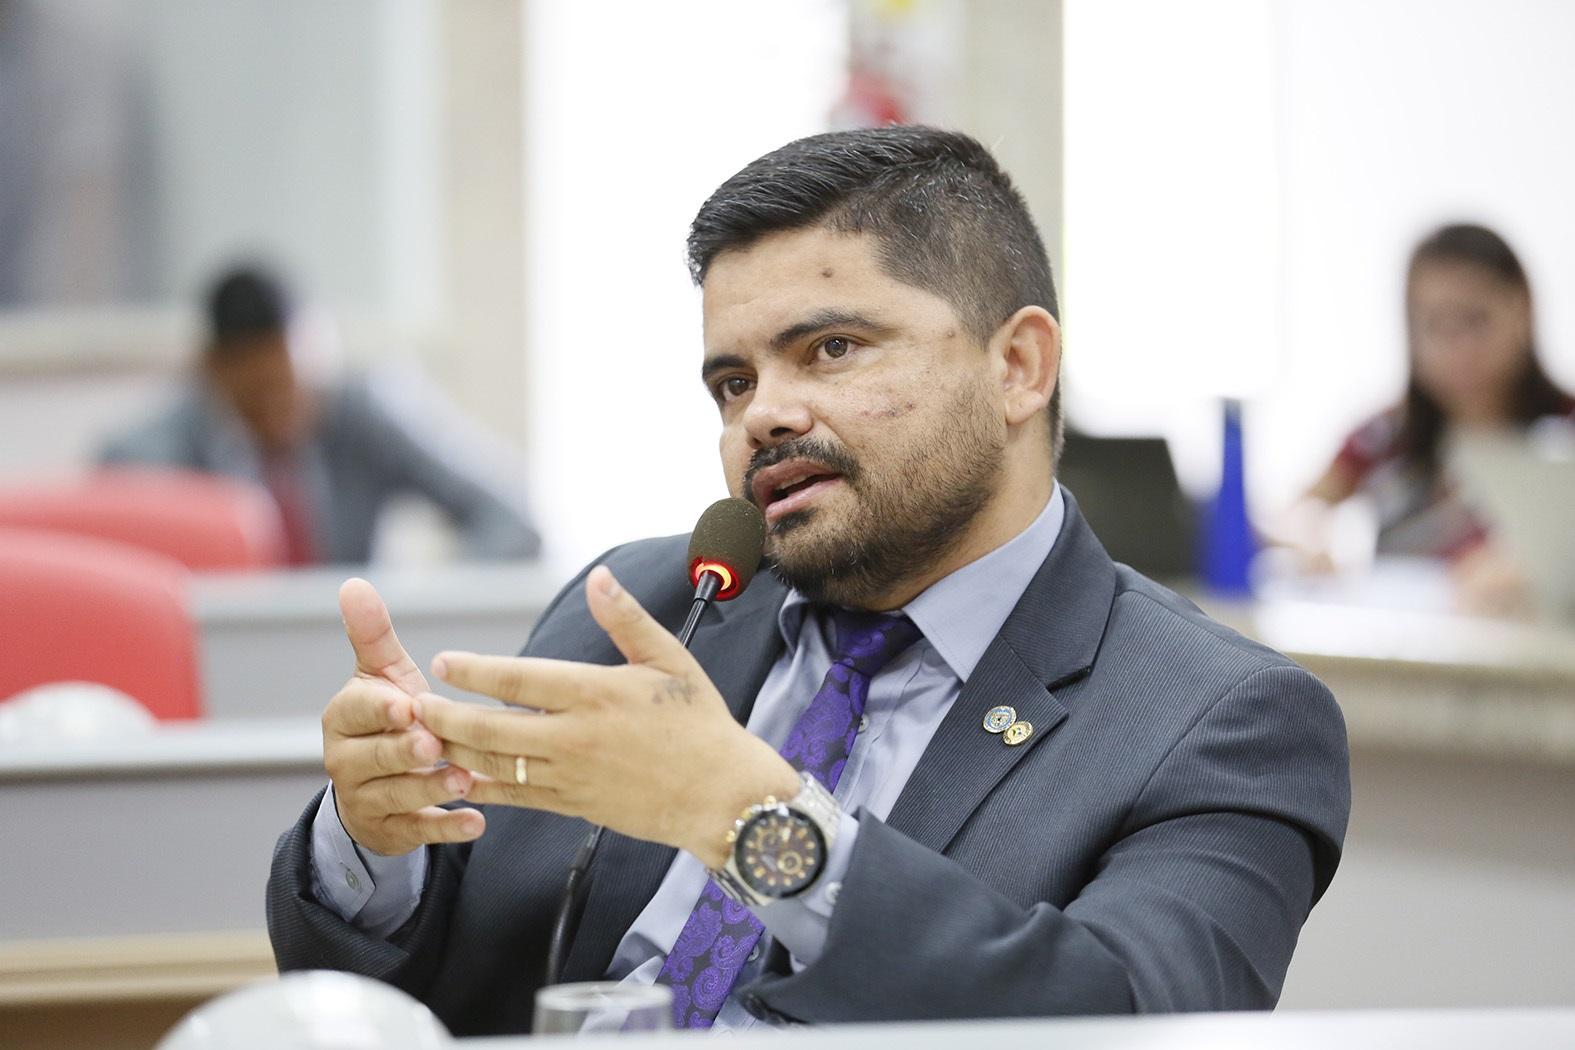 Jesuino repudia atitude covarde do senador Cid Gomes que tentou matar policiais militares no Ceará